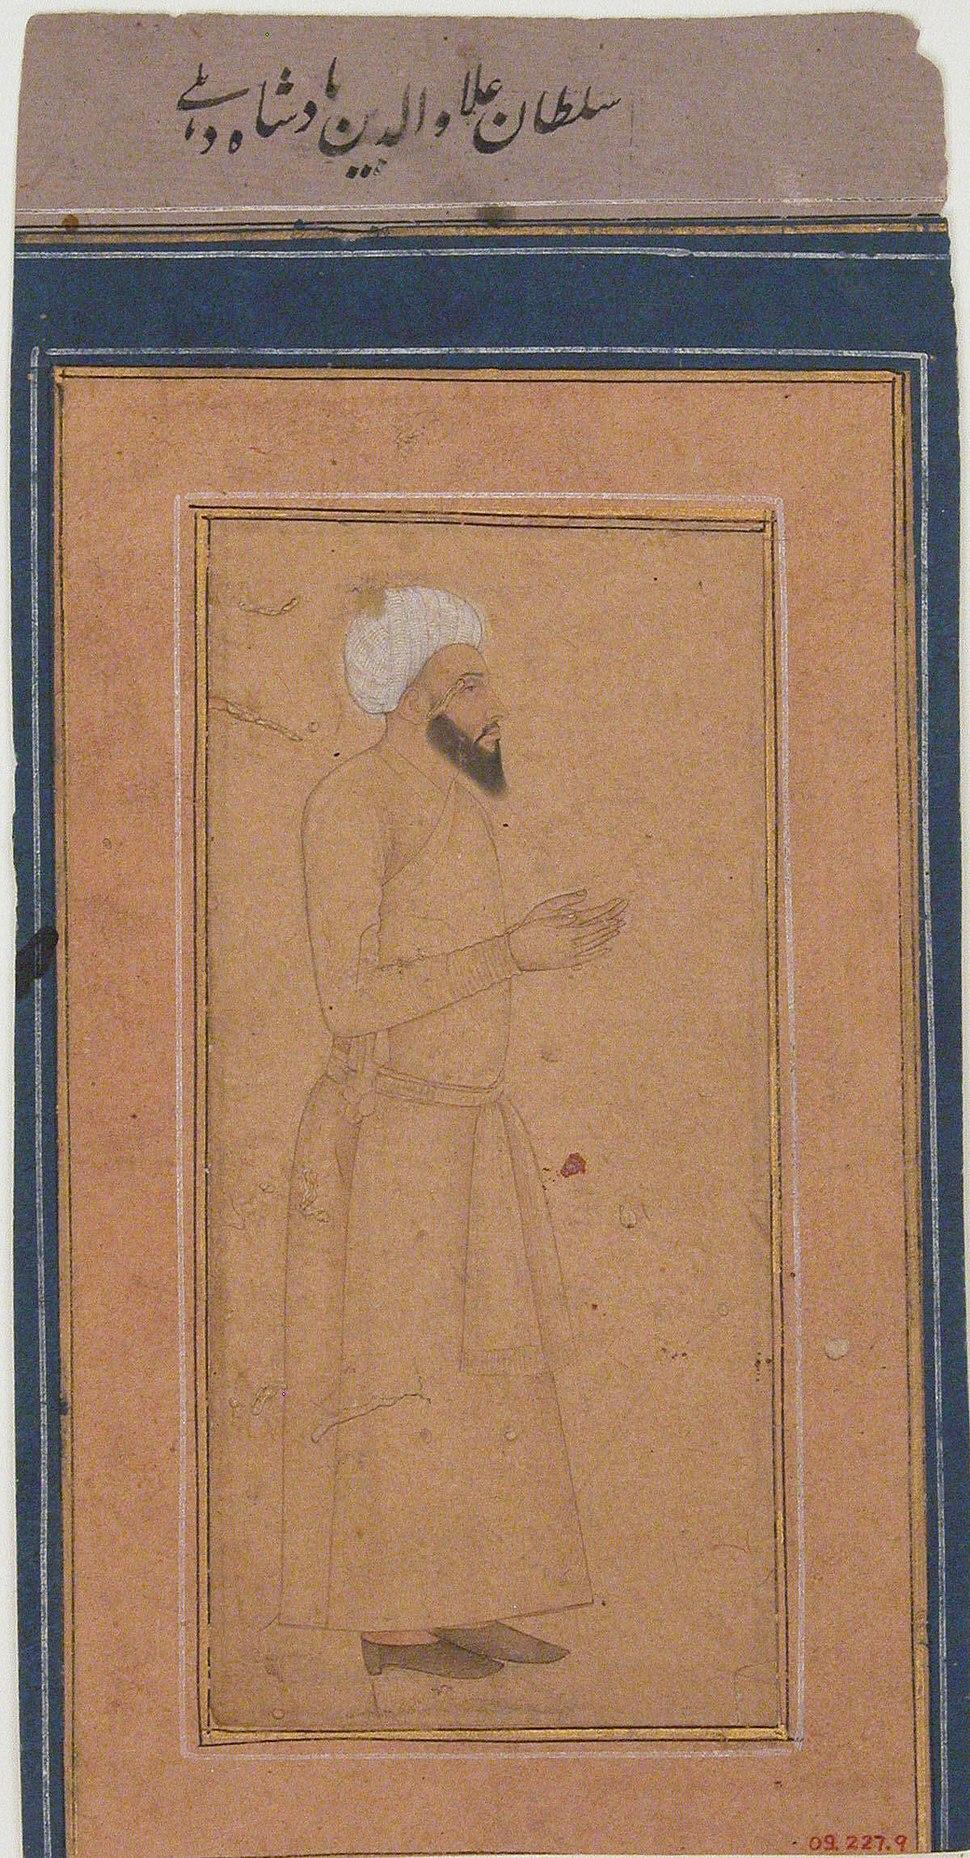 Portrait of Sultan %27Ala-ud-Din, Padshah of Delhi